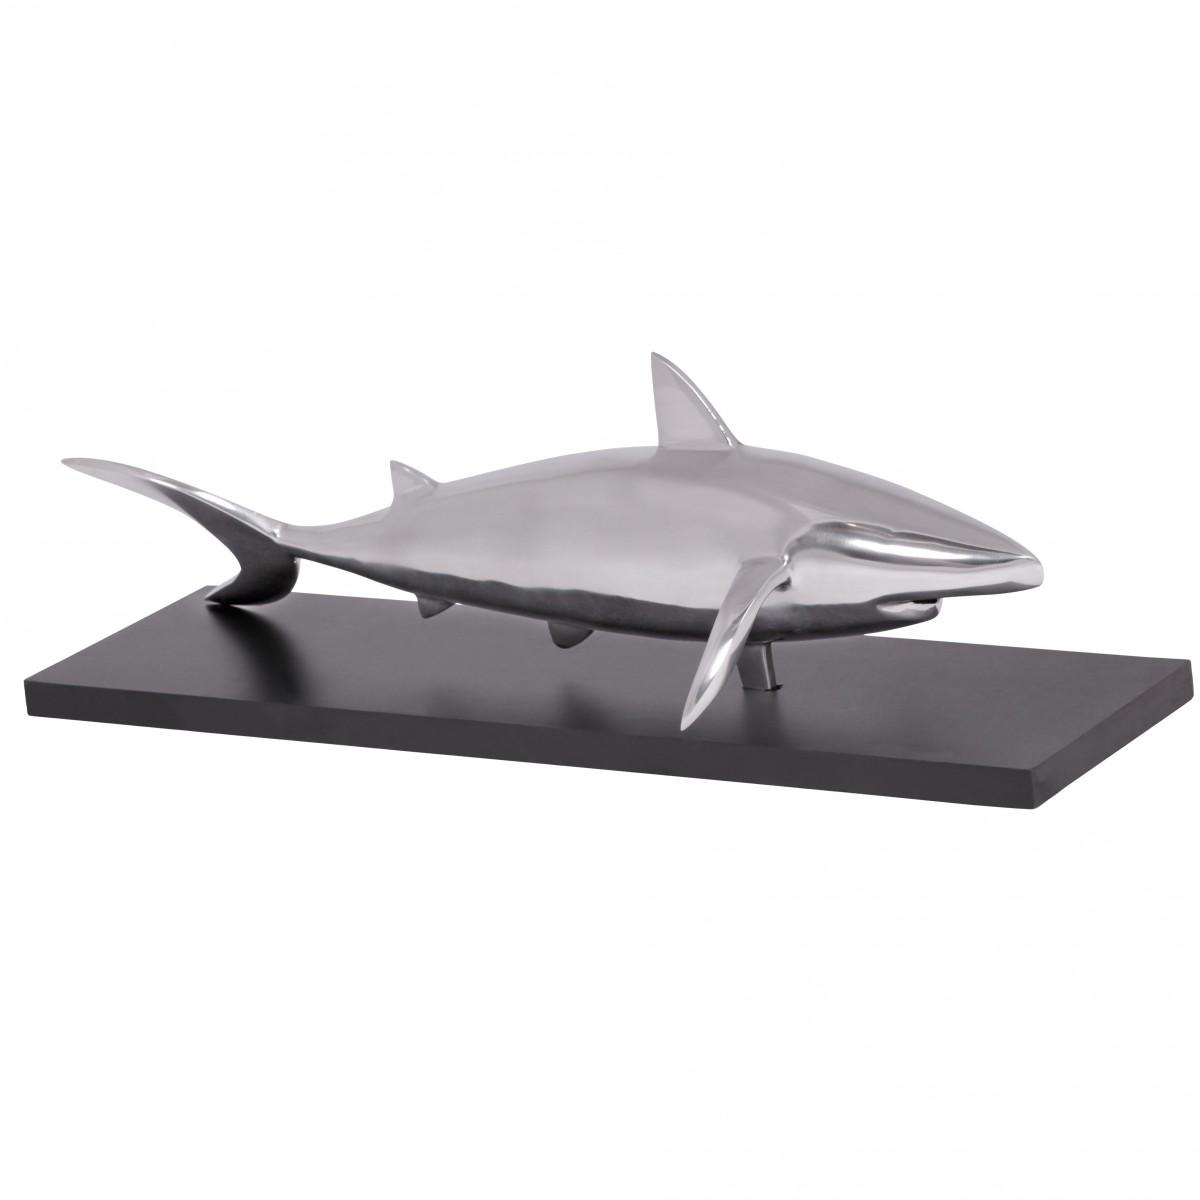 WOHNLING Haifisch Dekoskulptur SHARK Design Aluminium Deko Wohnzimmer  Ess Tisch Dekoration Wohnung Wohndeko Silber